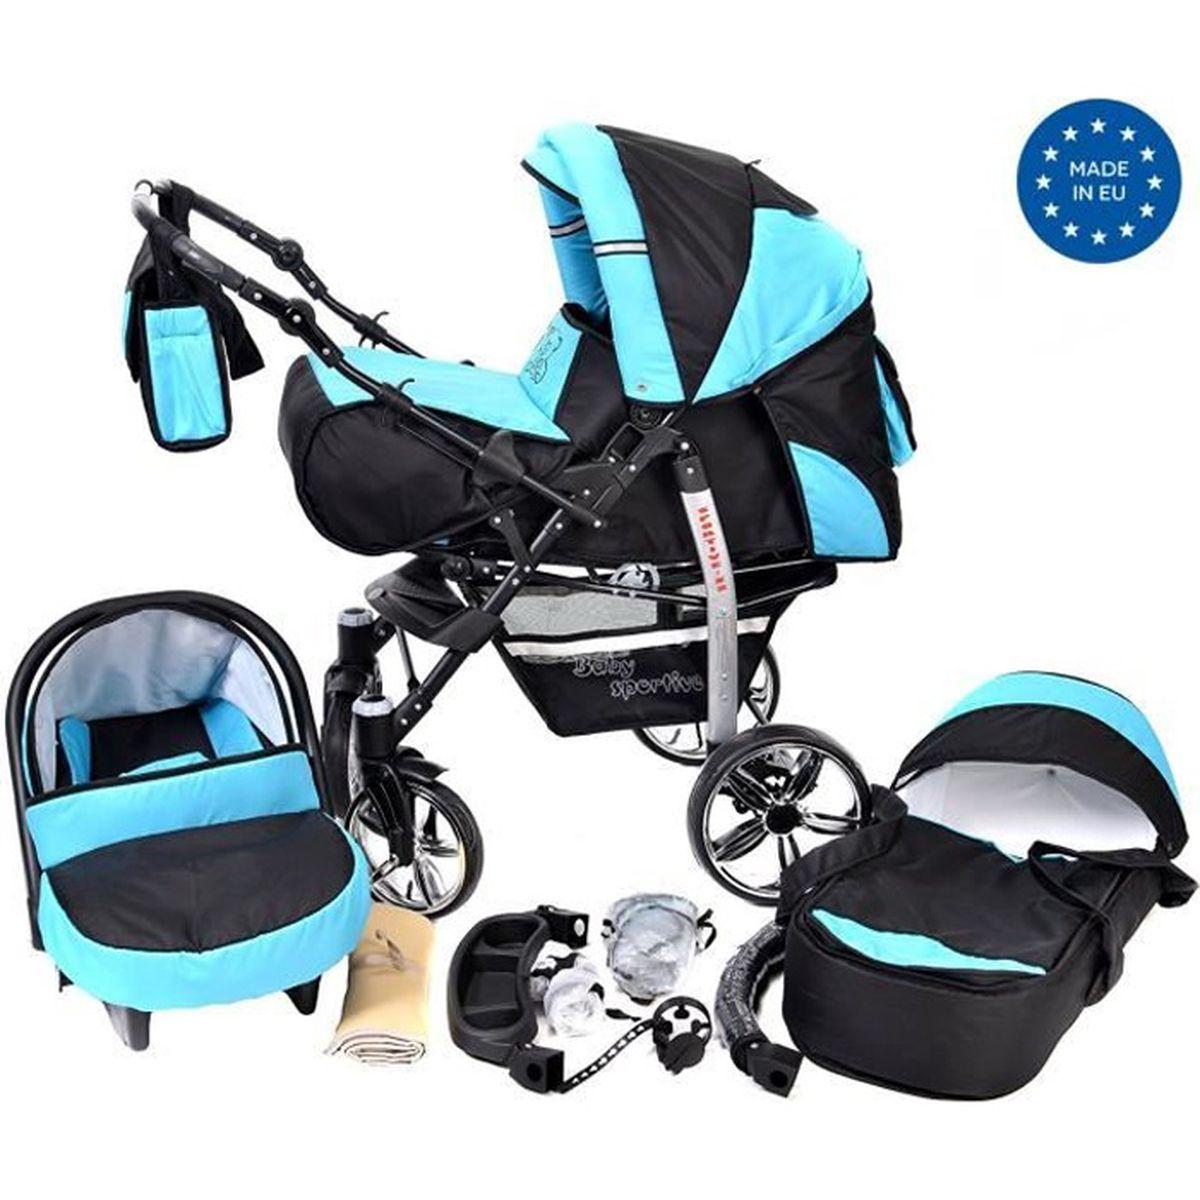 Noir avec Bleu Poussette - Landau 3en1 avec siège auto - ROUES